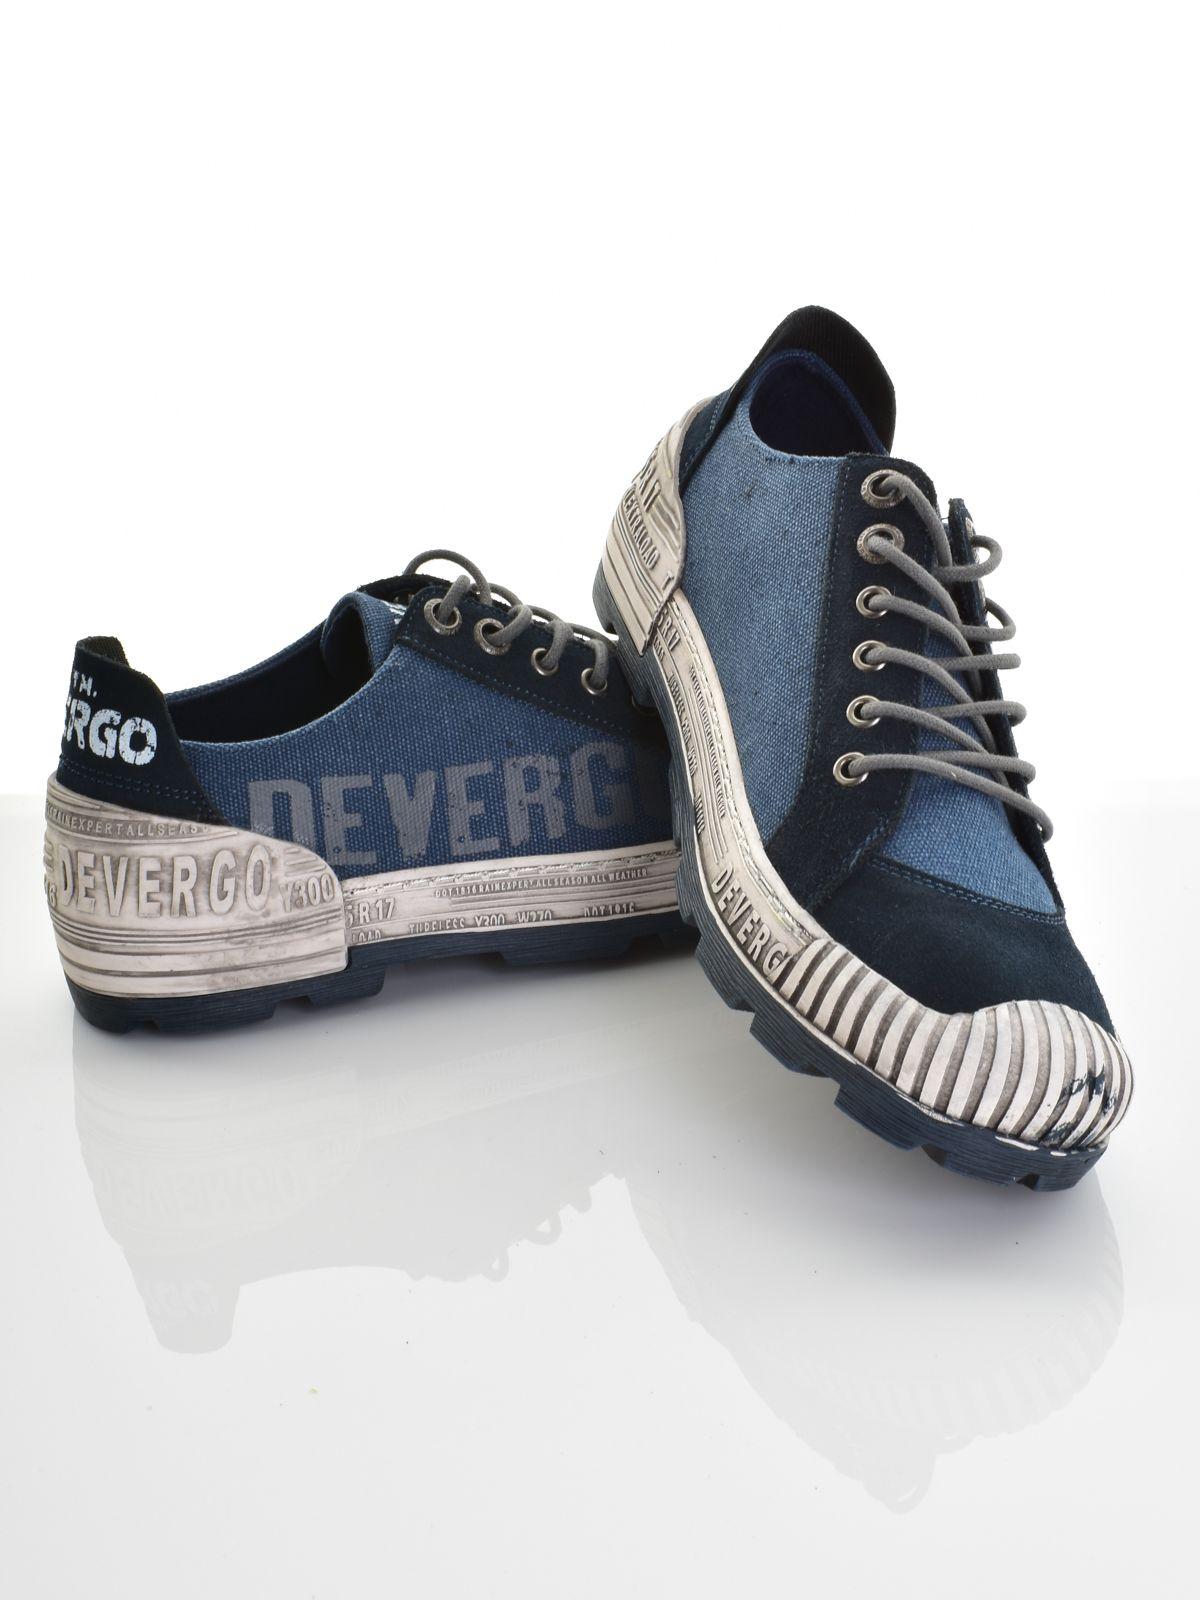 Devergo férfi cipő CENAS | Markasbolt.hu Hivatalos DEVERGO